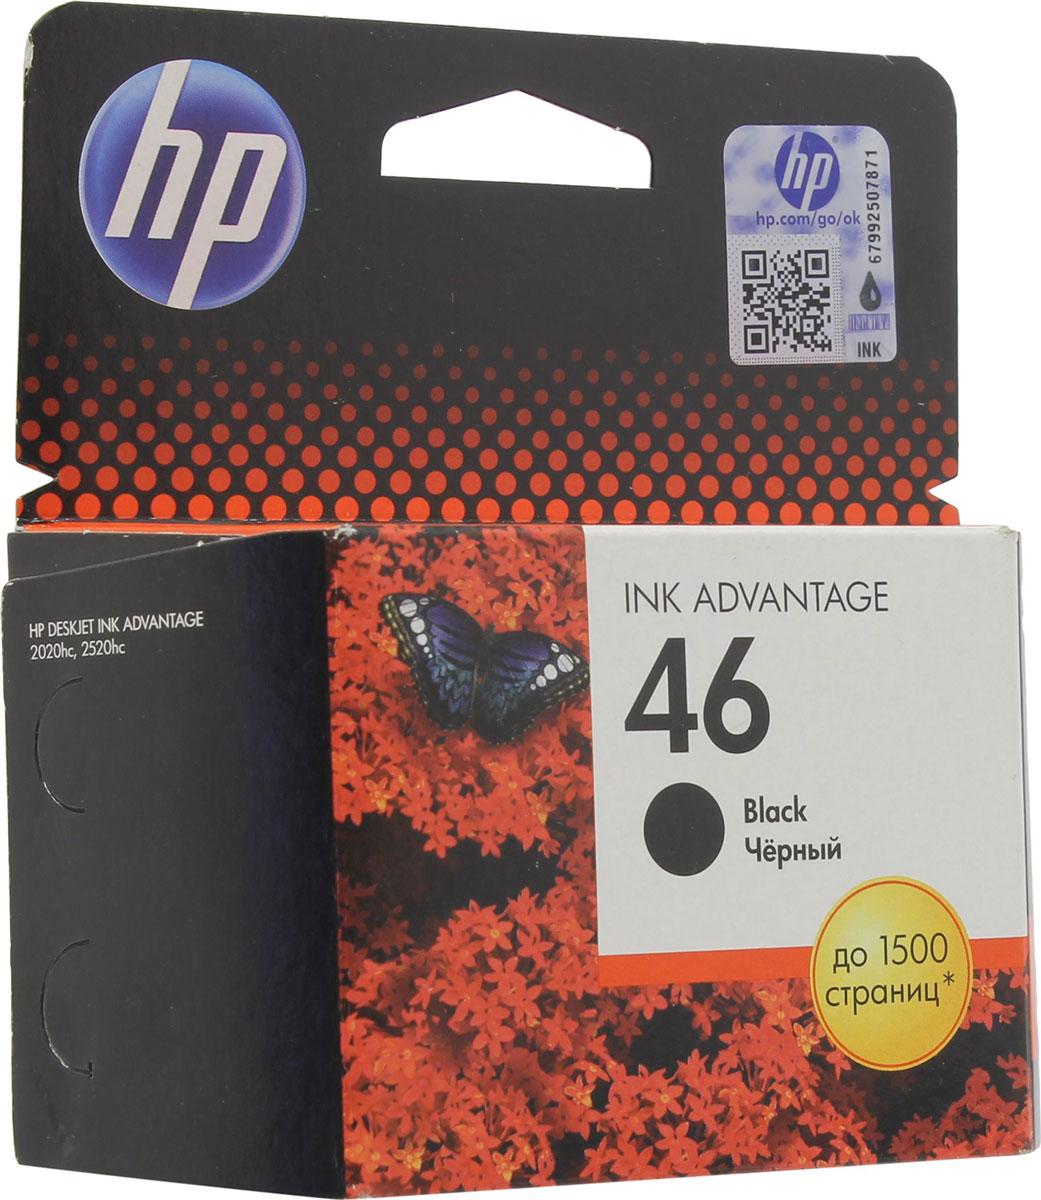 HP CZ637AE (HP 46), Black картридж для 2020hc (CZ733A)/ 2520hc (CZ338A)/4729CZ637AEКартриджи HP 46 Ink Advantage позволяют печатать высококачественные документы и яркие фотографии, экономя на расходных материалах. Увеличенная емкость позволяет печатать до 1500 страниц, не меняя картридж. Сочетание принтеров HP Deskjet Ink Advantage и оригинальных чернил НР гарантирует повышенную надежность. Теперь можно реже приобретать расходные материалы, получая при этом вознаграждения за каждую покупку.Легкая и удобная печать. Поломки, утечки чернил, образование пузырьков, дорогостоящая повторная печать и другие проблемы, связанные с использованием ненадежных «резервуарных» систем, больше не будут вас беспокоить. Оригинальные струйные картриджи и принтеры HP были специально разработаны для стабильной совместной работы.Впечатляющие результаты и высочайшее качество HP по доступной цене. Оригинальные струйные картриджи HP позволяют создавать высококачественные повседневные документы и фотографии, которые быстро высыхают и сохраняют цвет в течение многих десятилетий.